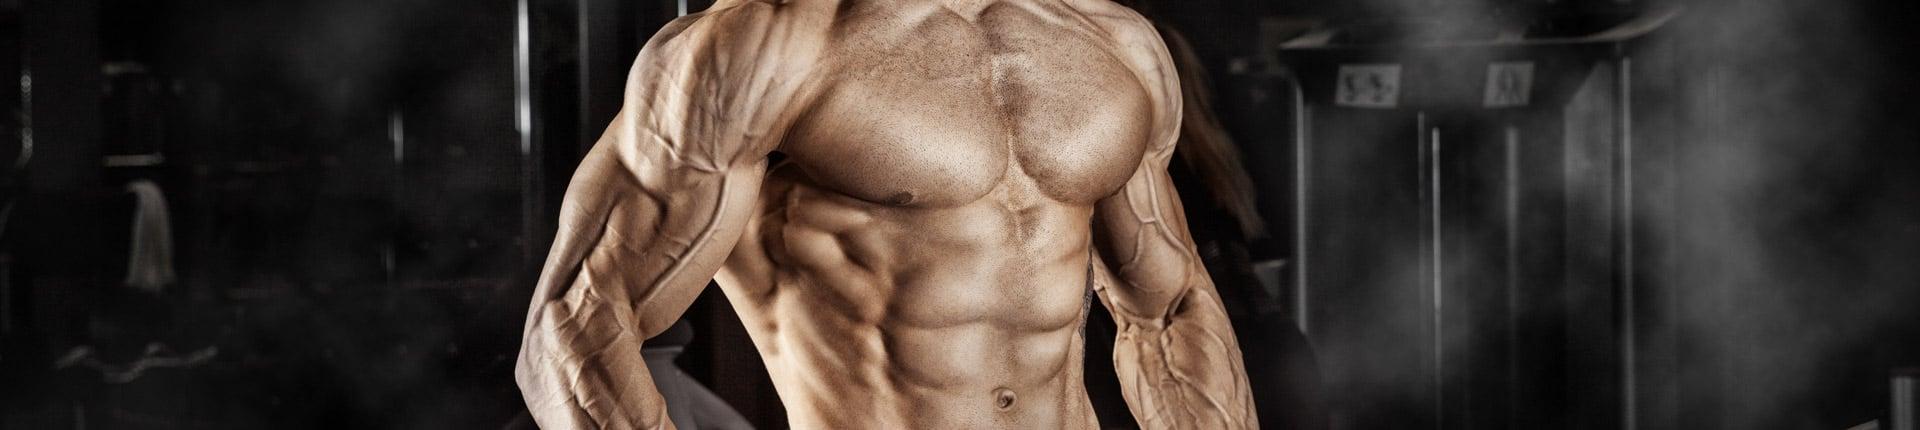 4 sprawdzone plany treningowe na masę i siłę